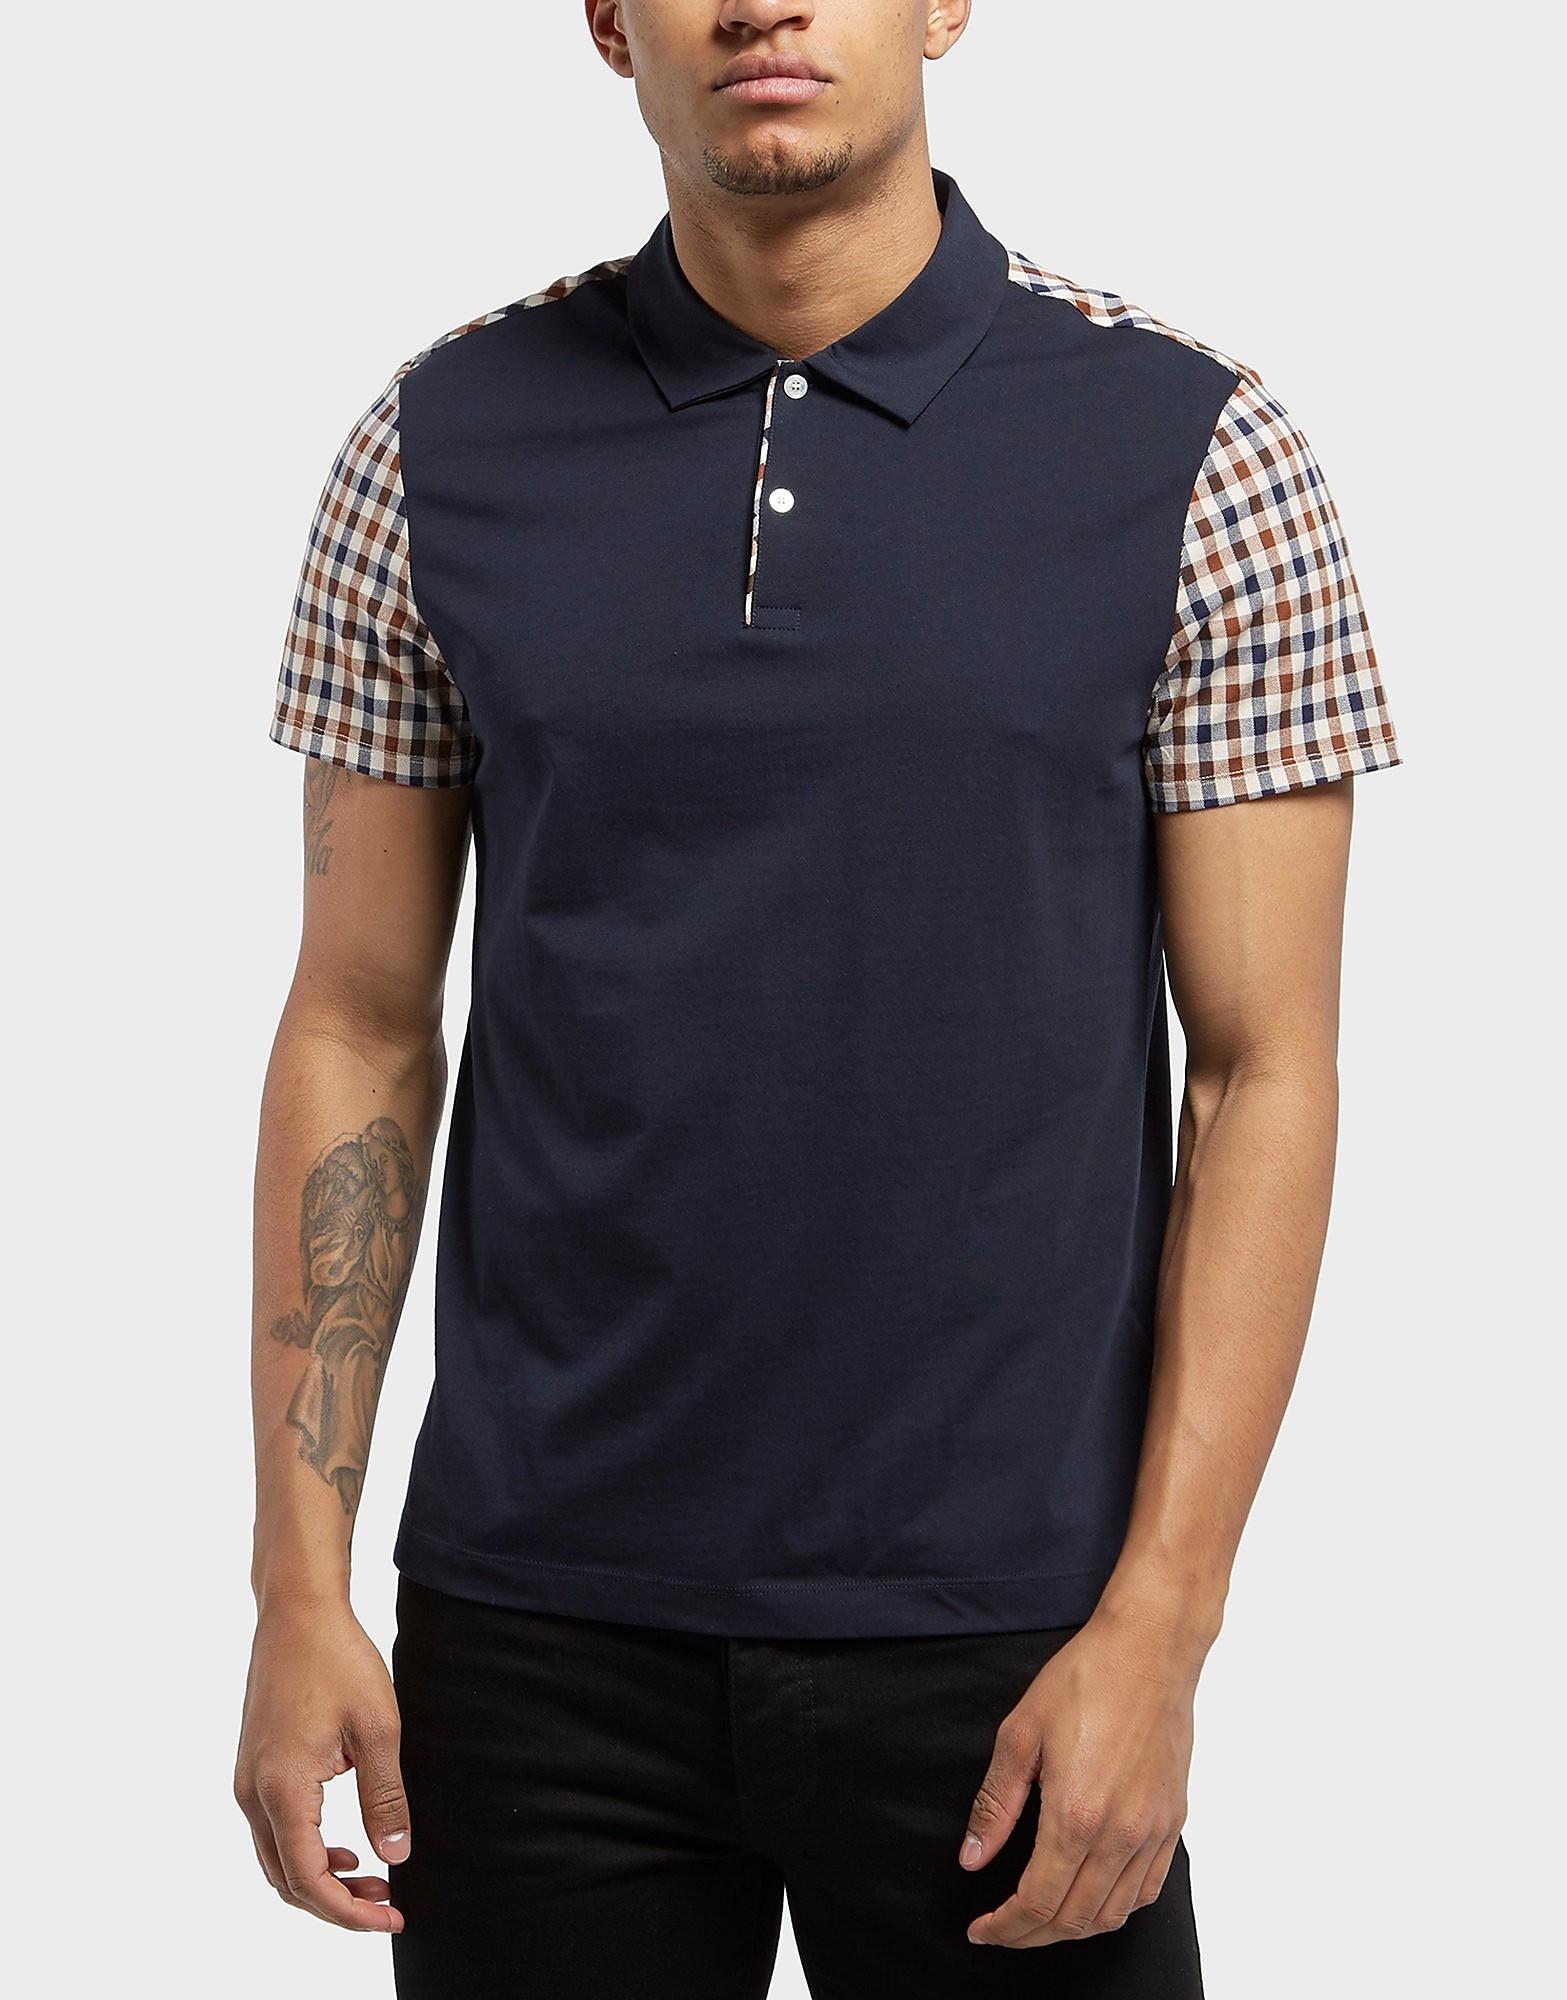 Aquascutum Check Short Sleeve Polo Shirt